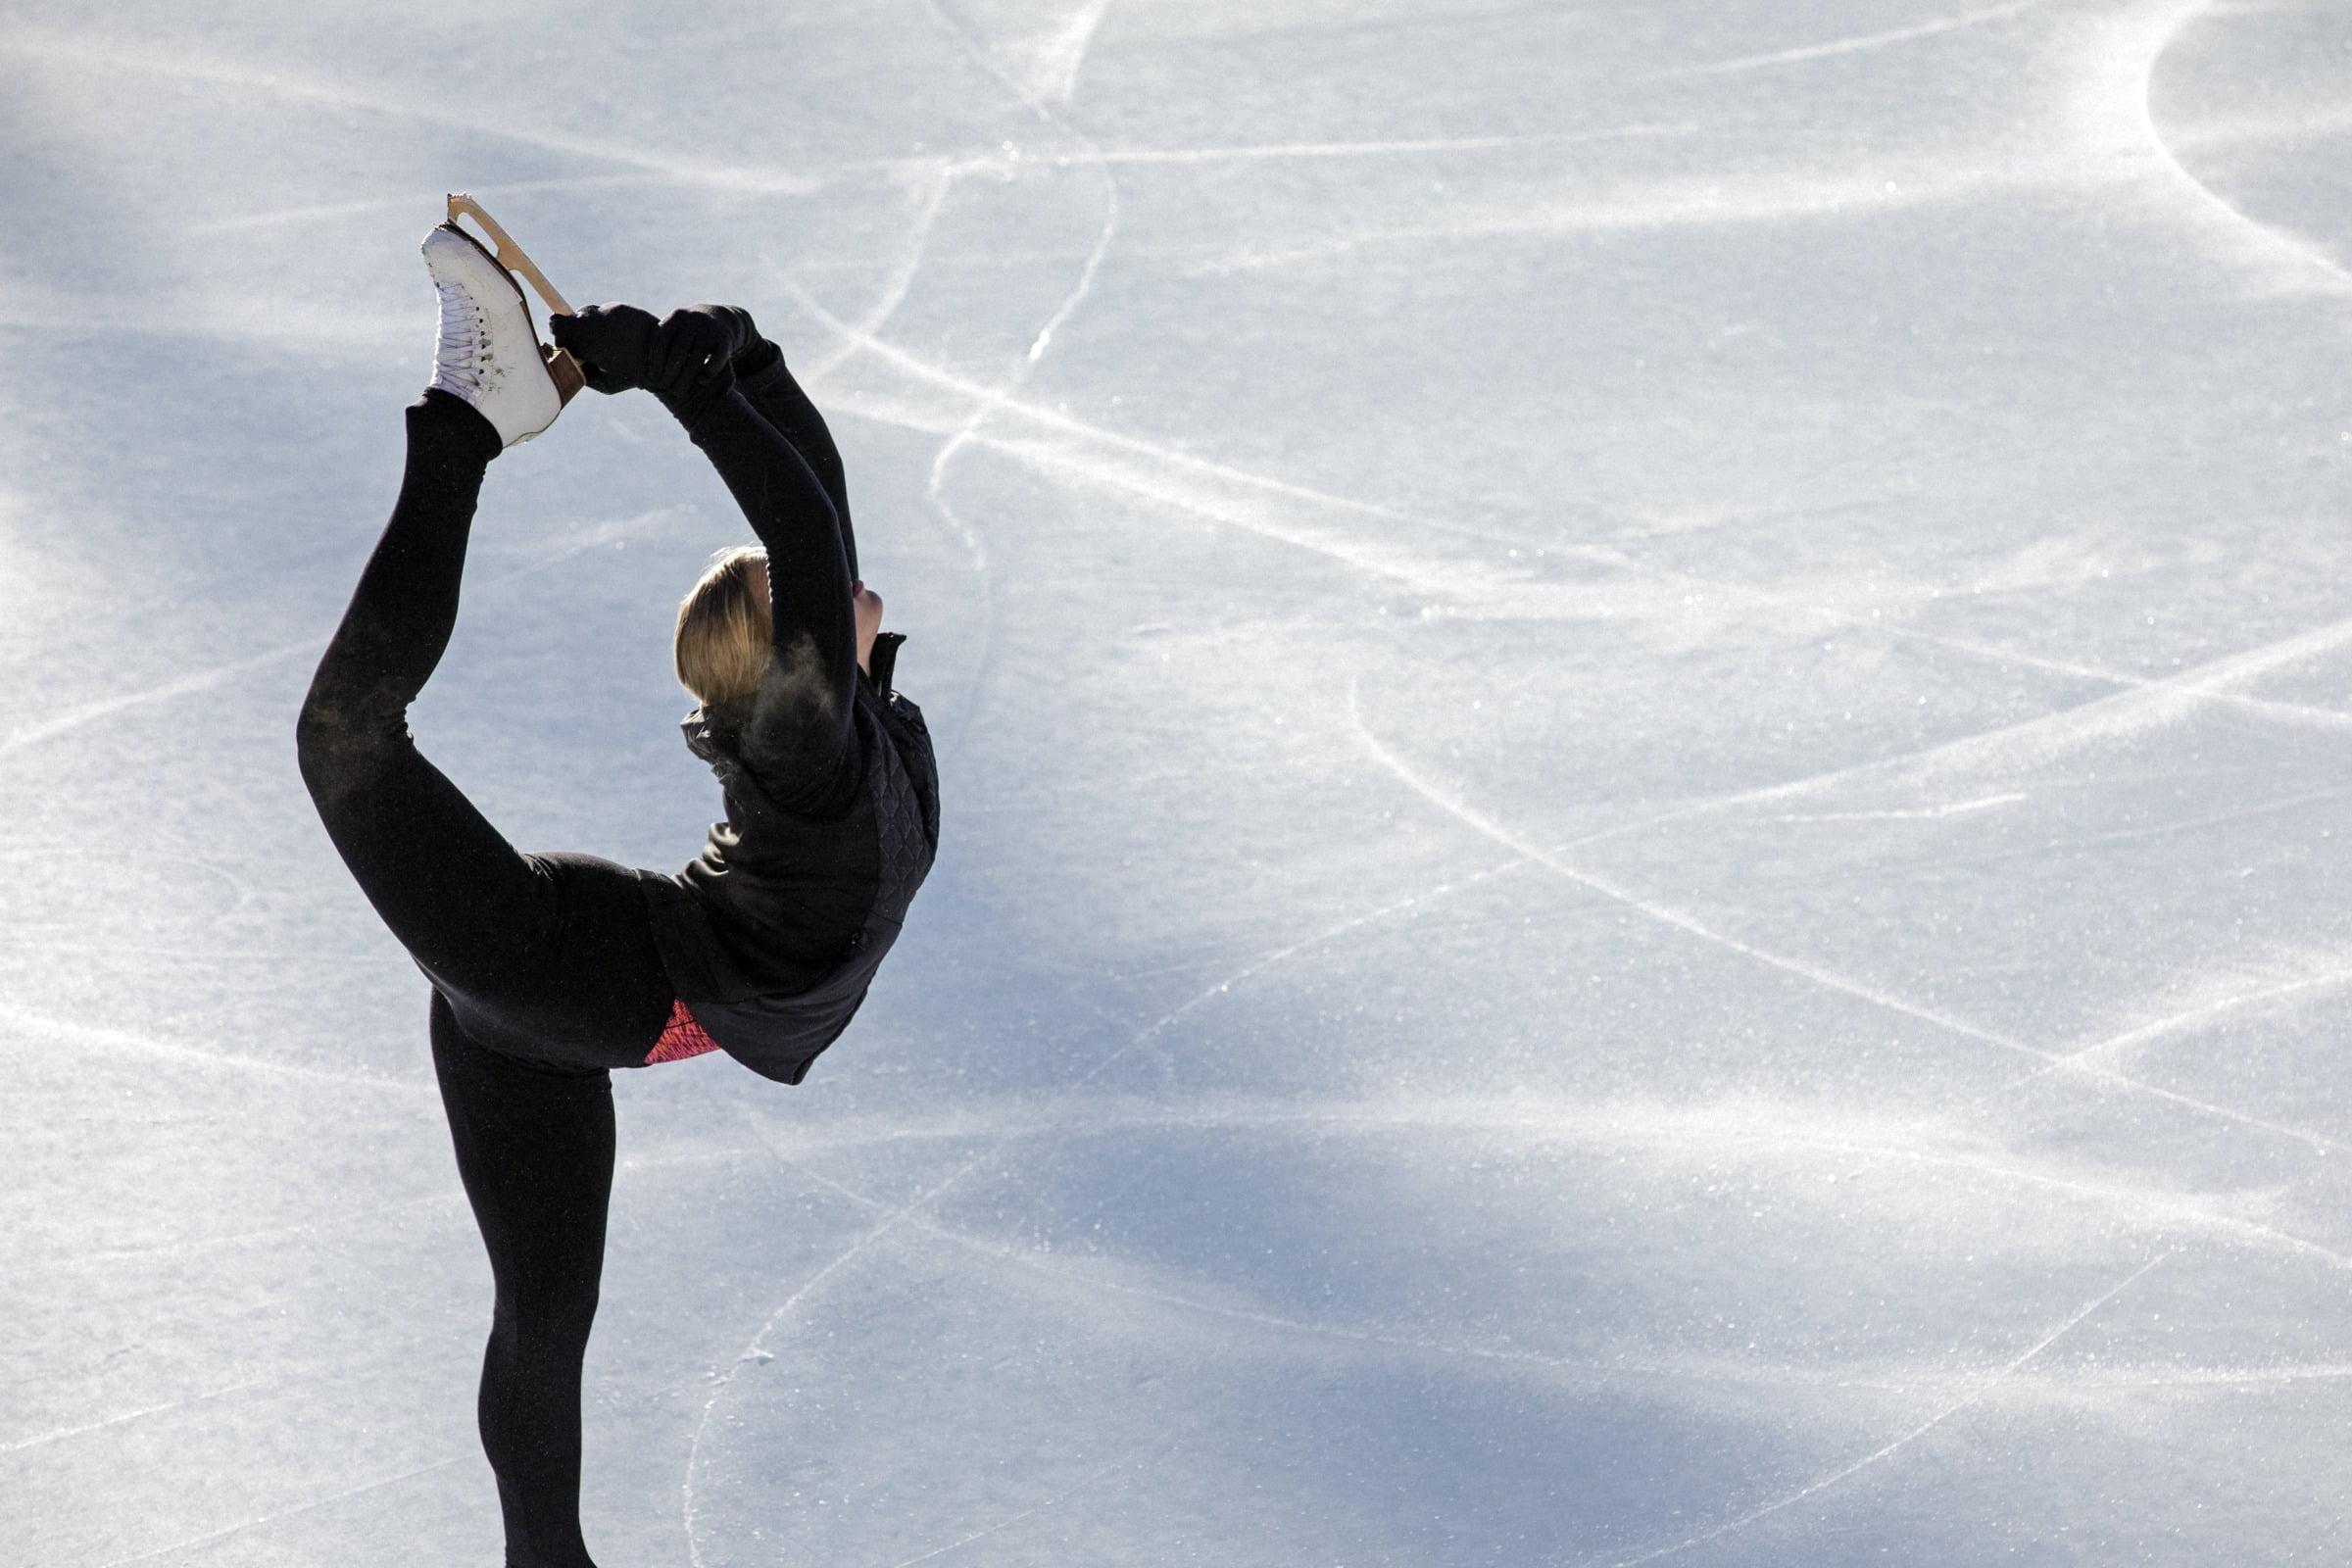 Eislaufen auf dem gefrorenen St. Moritzersee